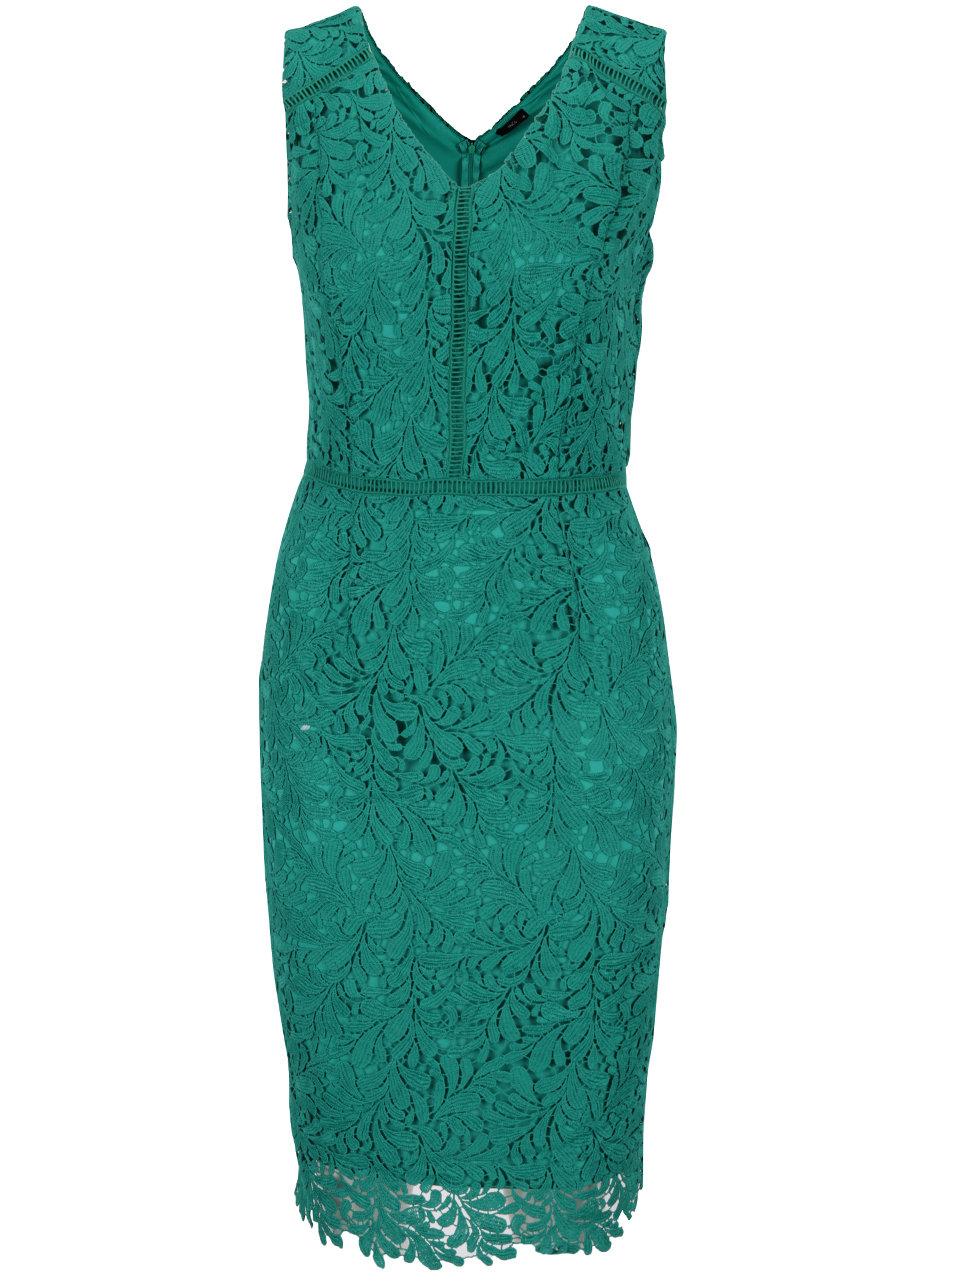 ad7aa4f7d67b Zelené čipkované šaty M Co ...